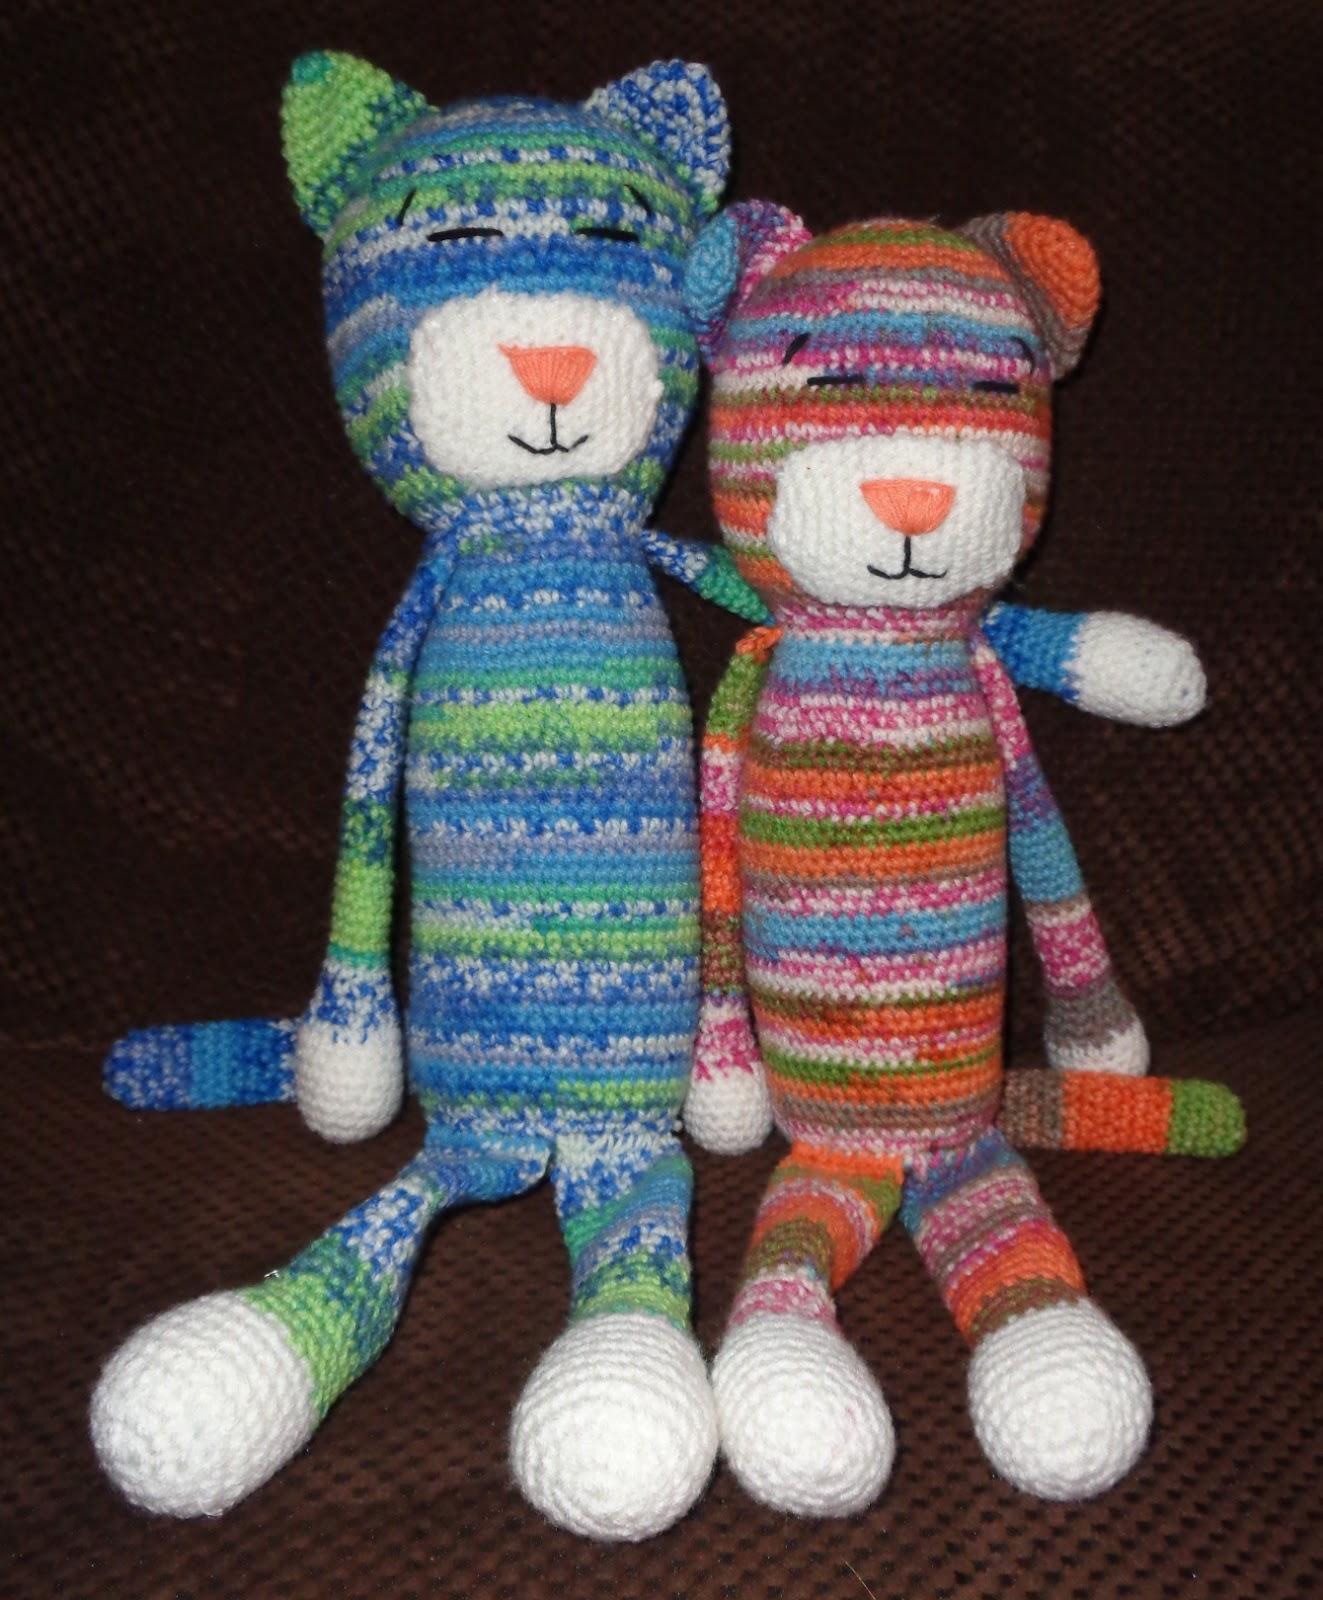 Cuddle Me Bunny amigurumi pattern - Amigurumi Today | 1600x1323